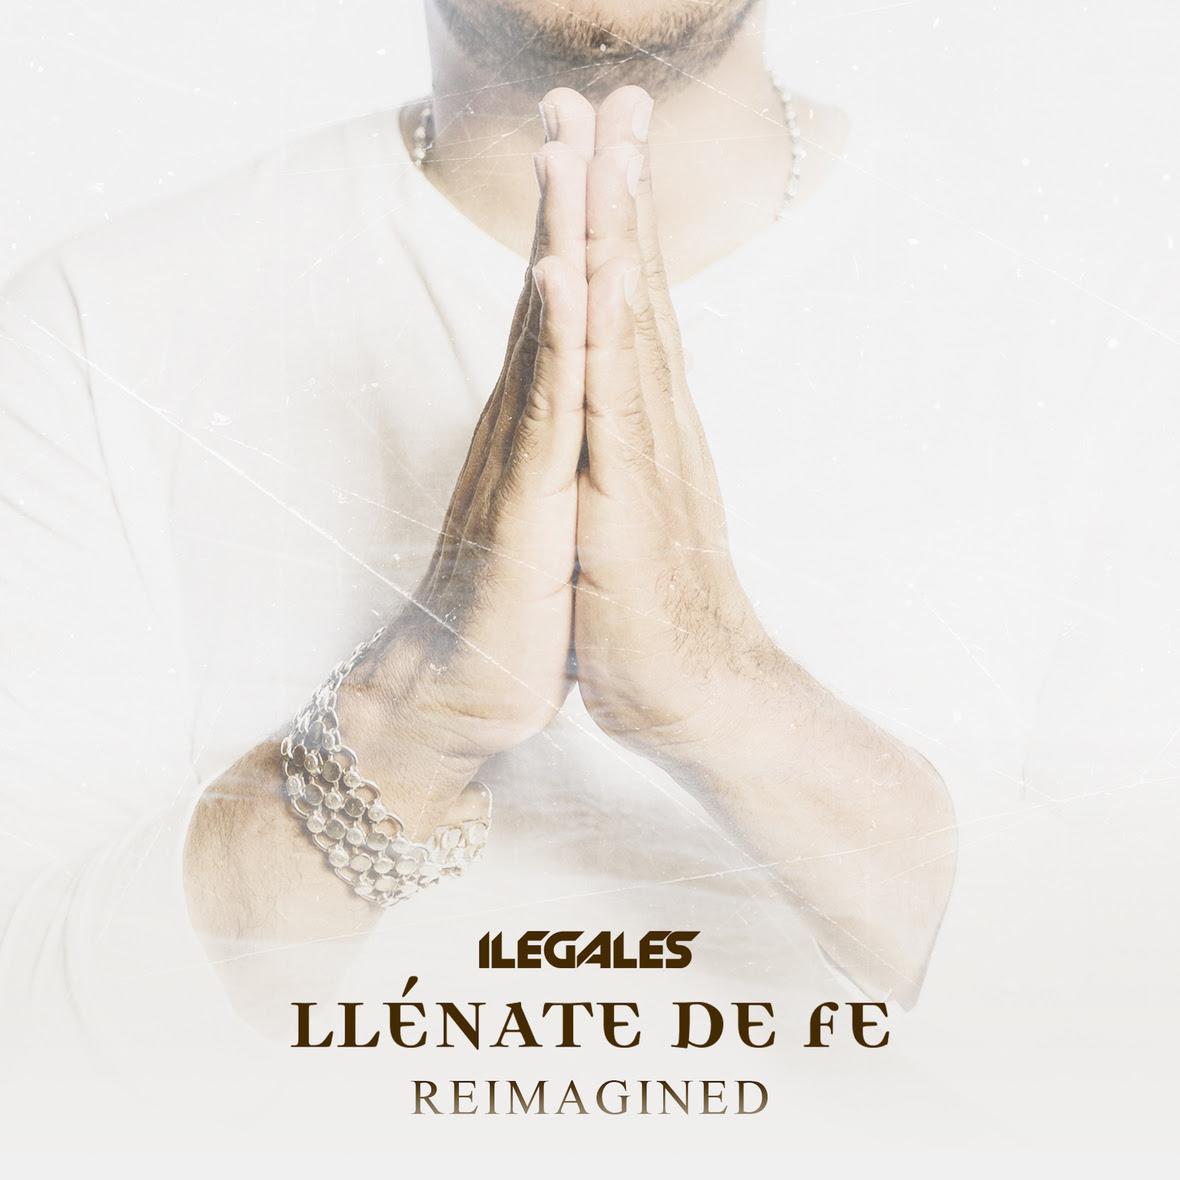 ilegales - Llenate De Fe reimagined